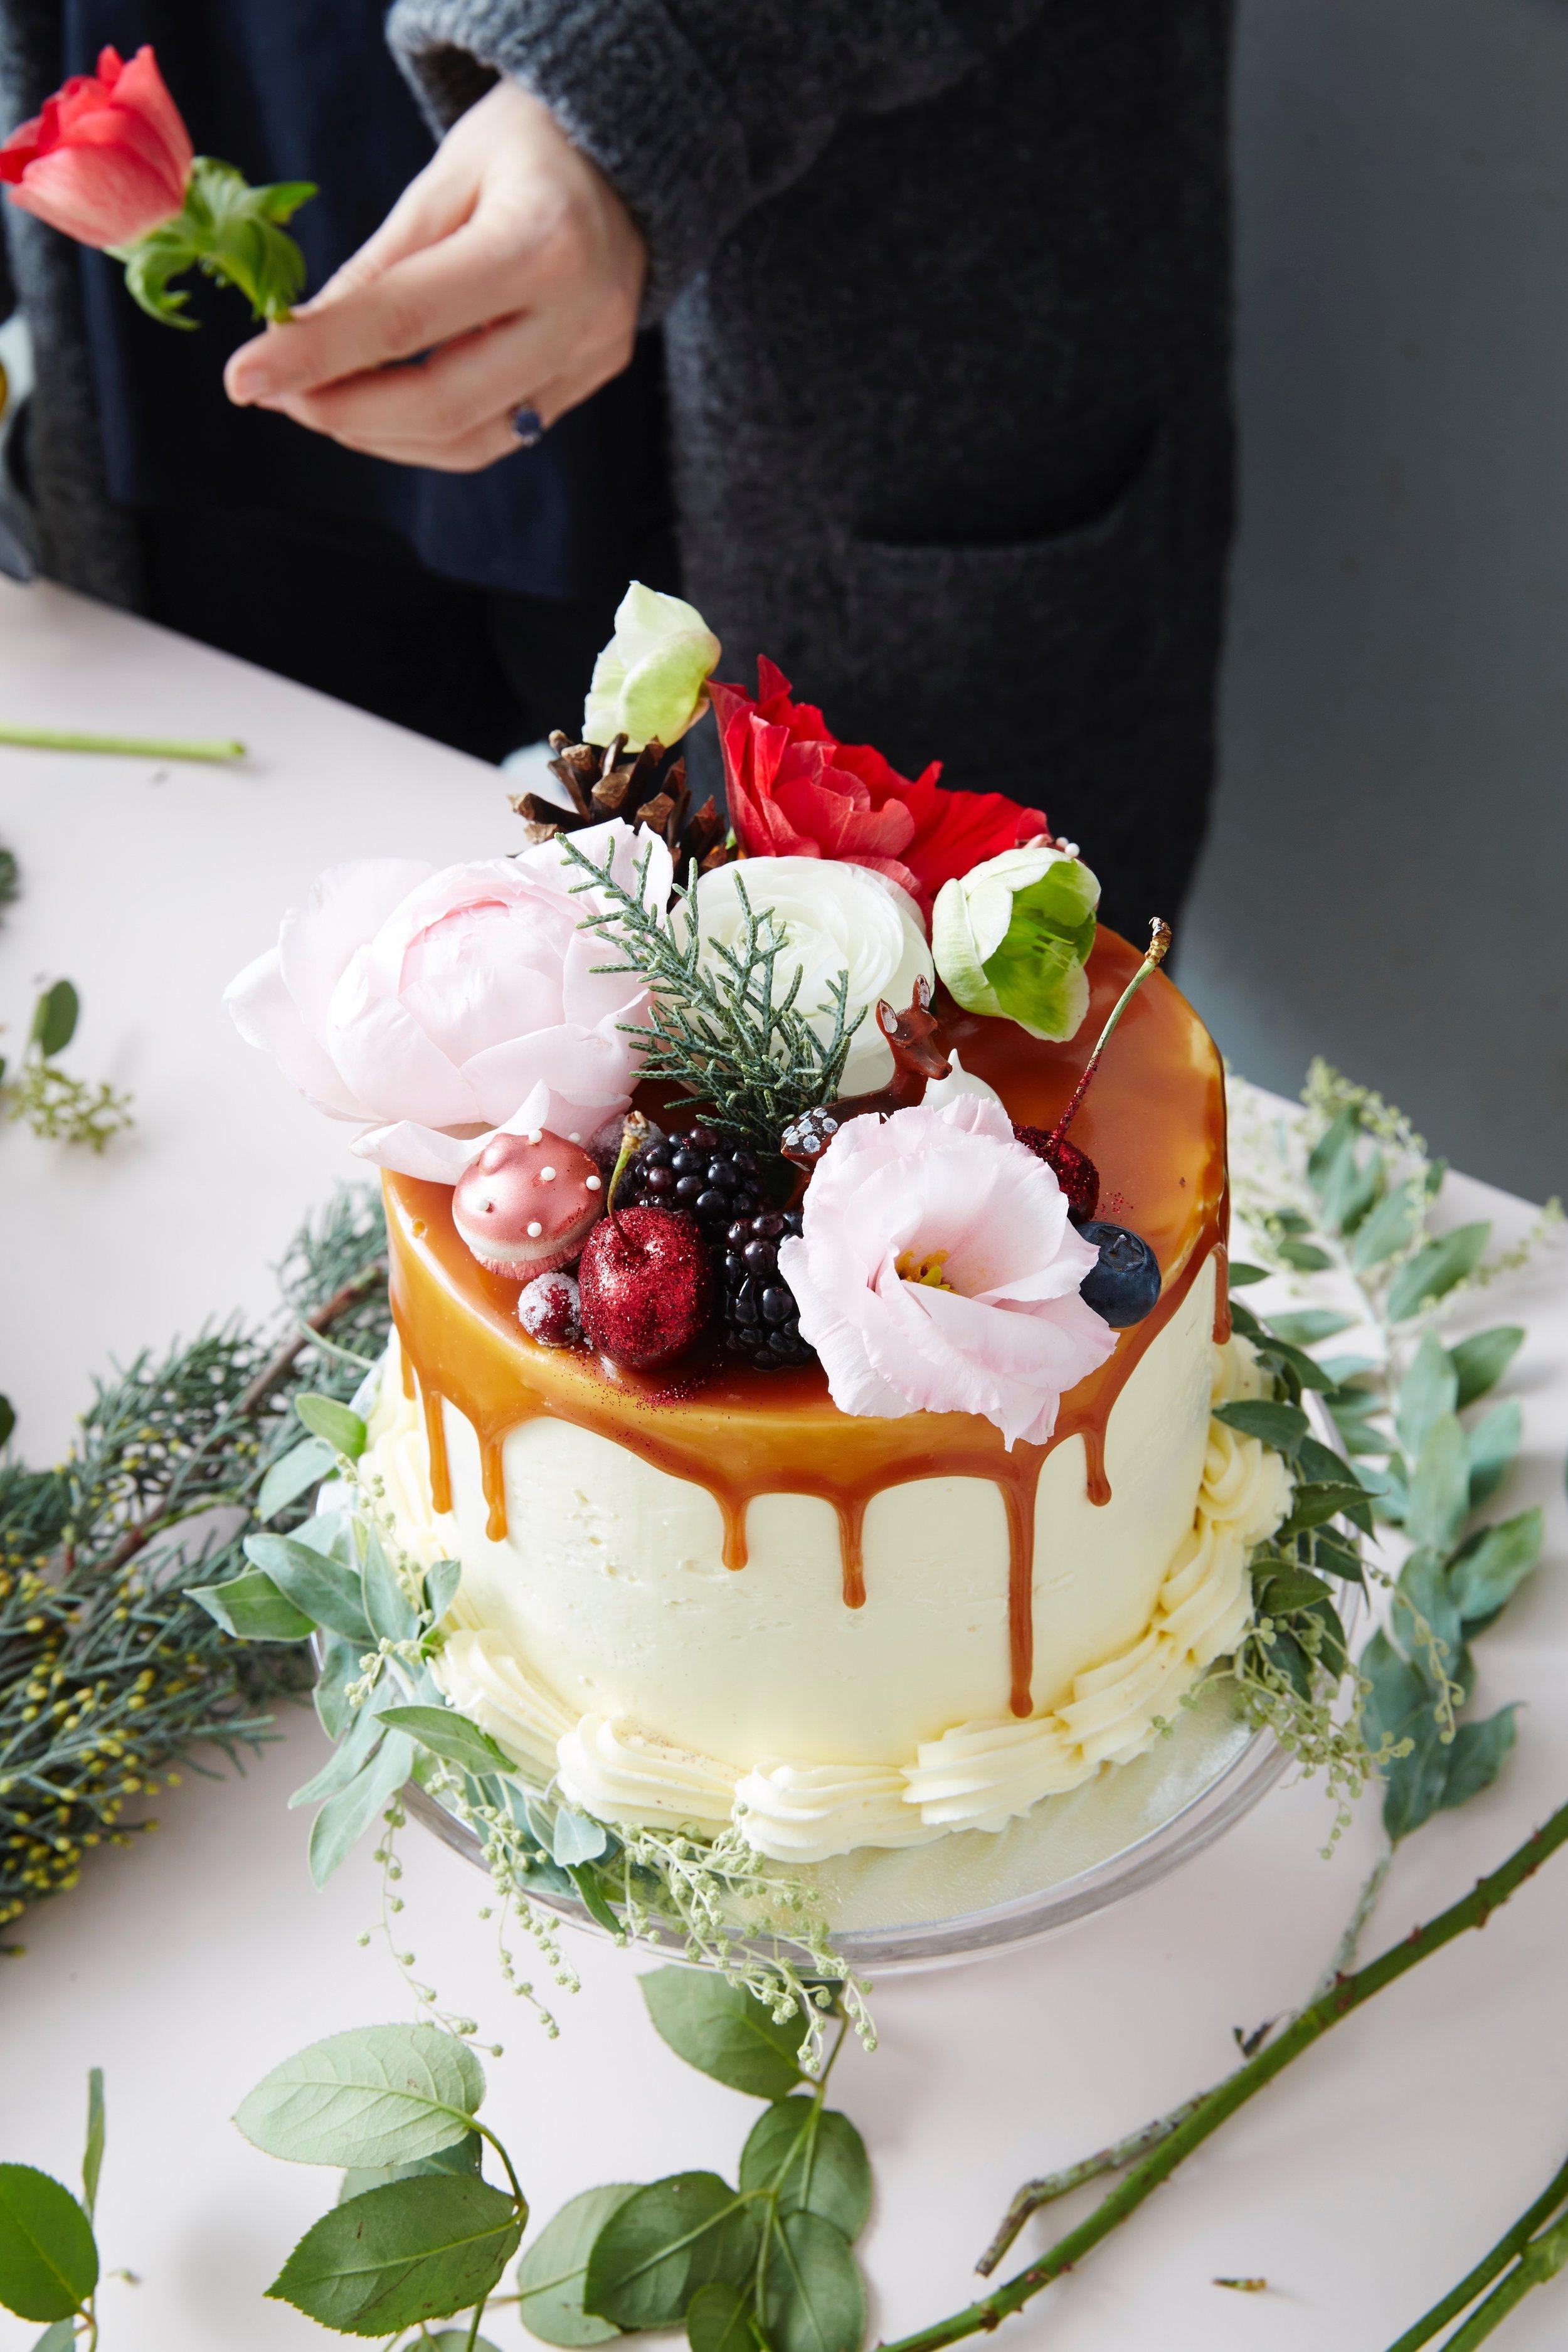 festive decorating cake